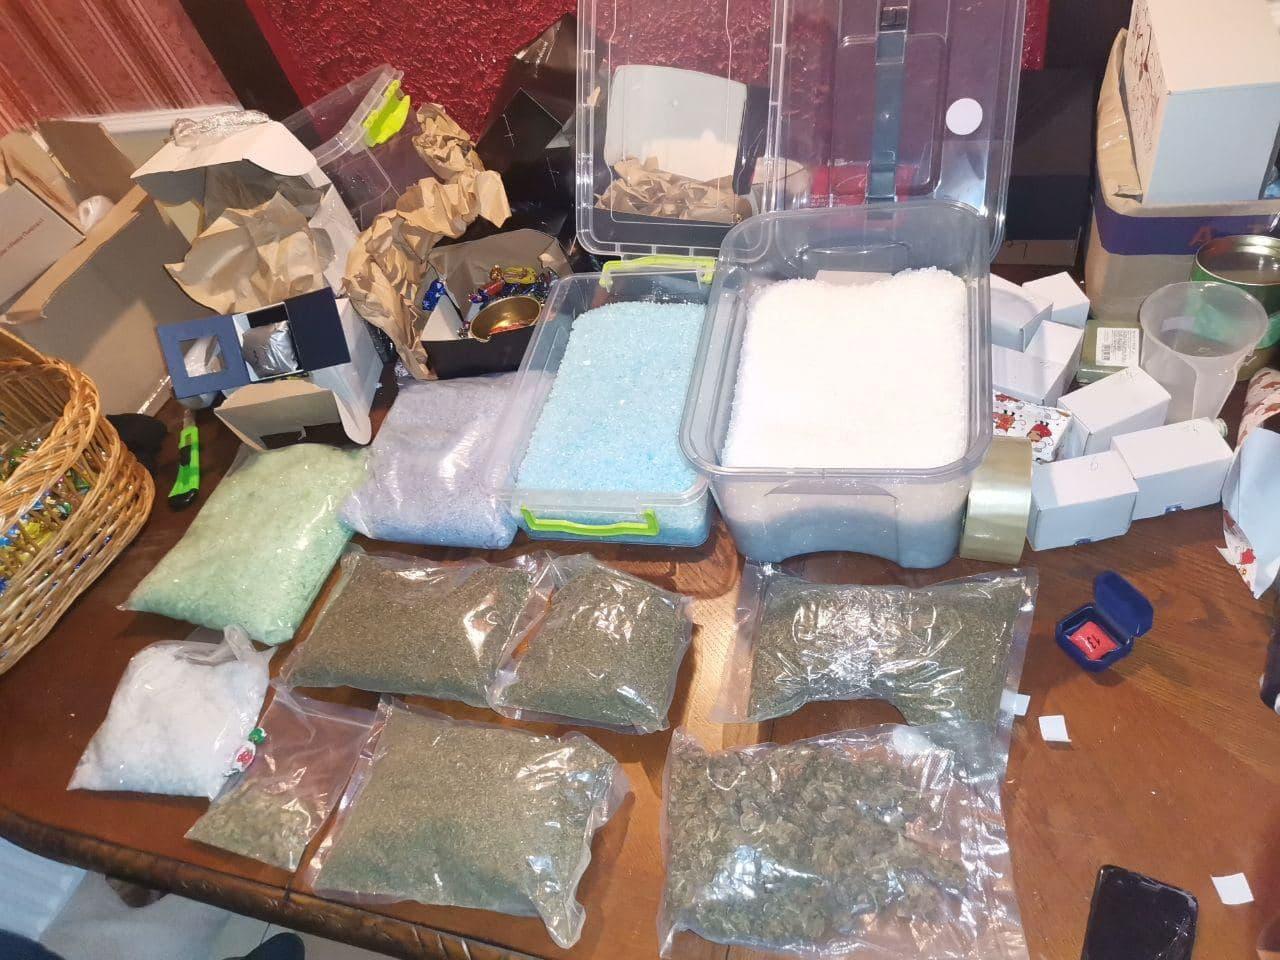 Кримінальний Київ: крадіжки, наркотики, хуліганства - хуліганства, наркотики, крадіжки - 32309